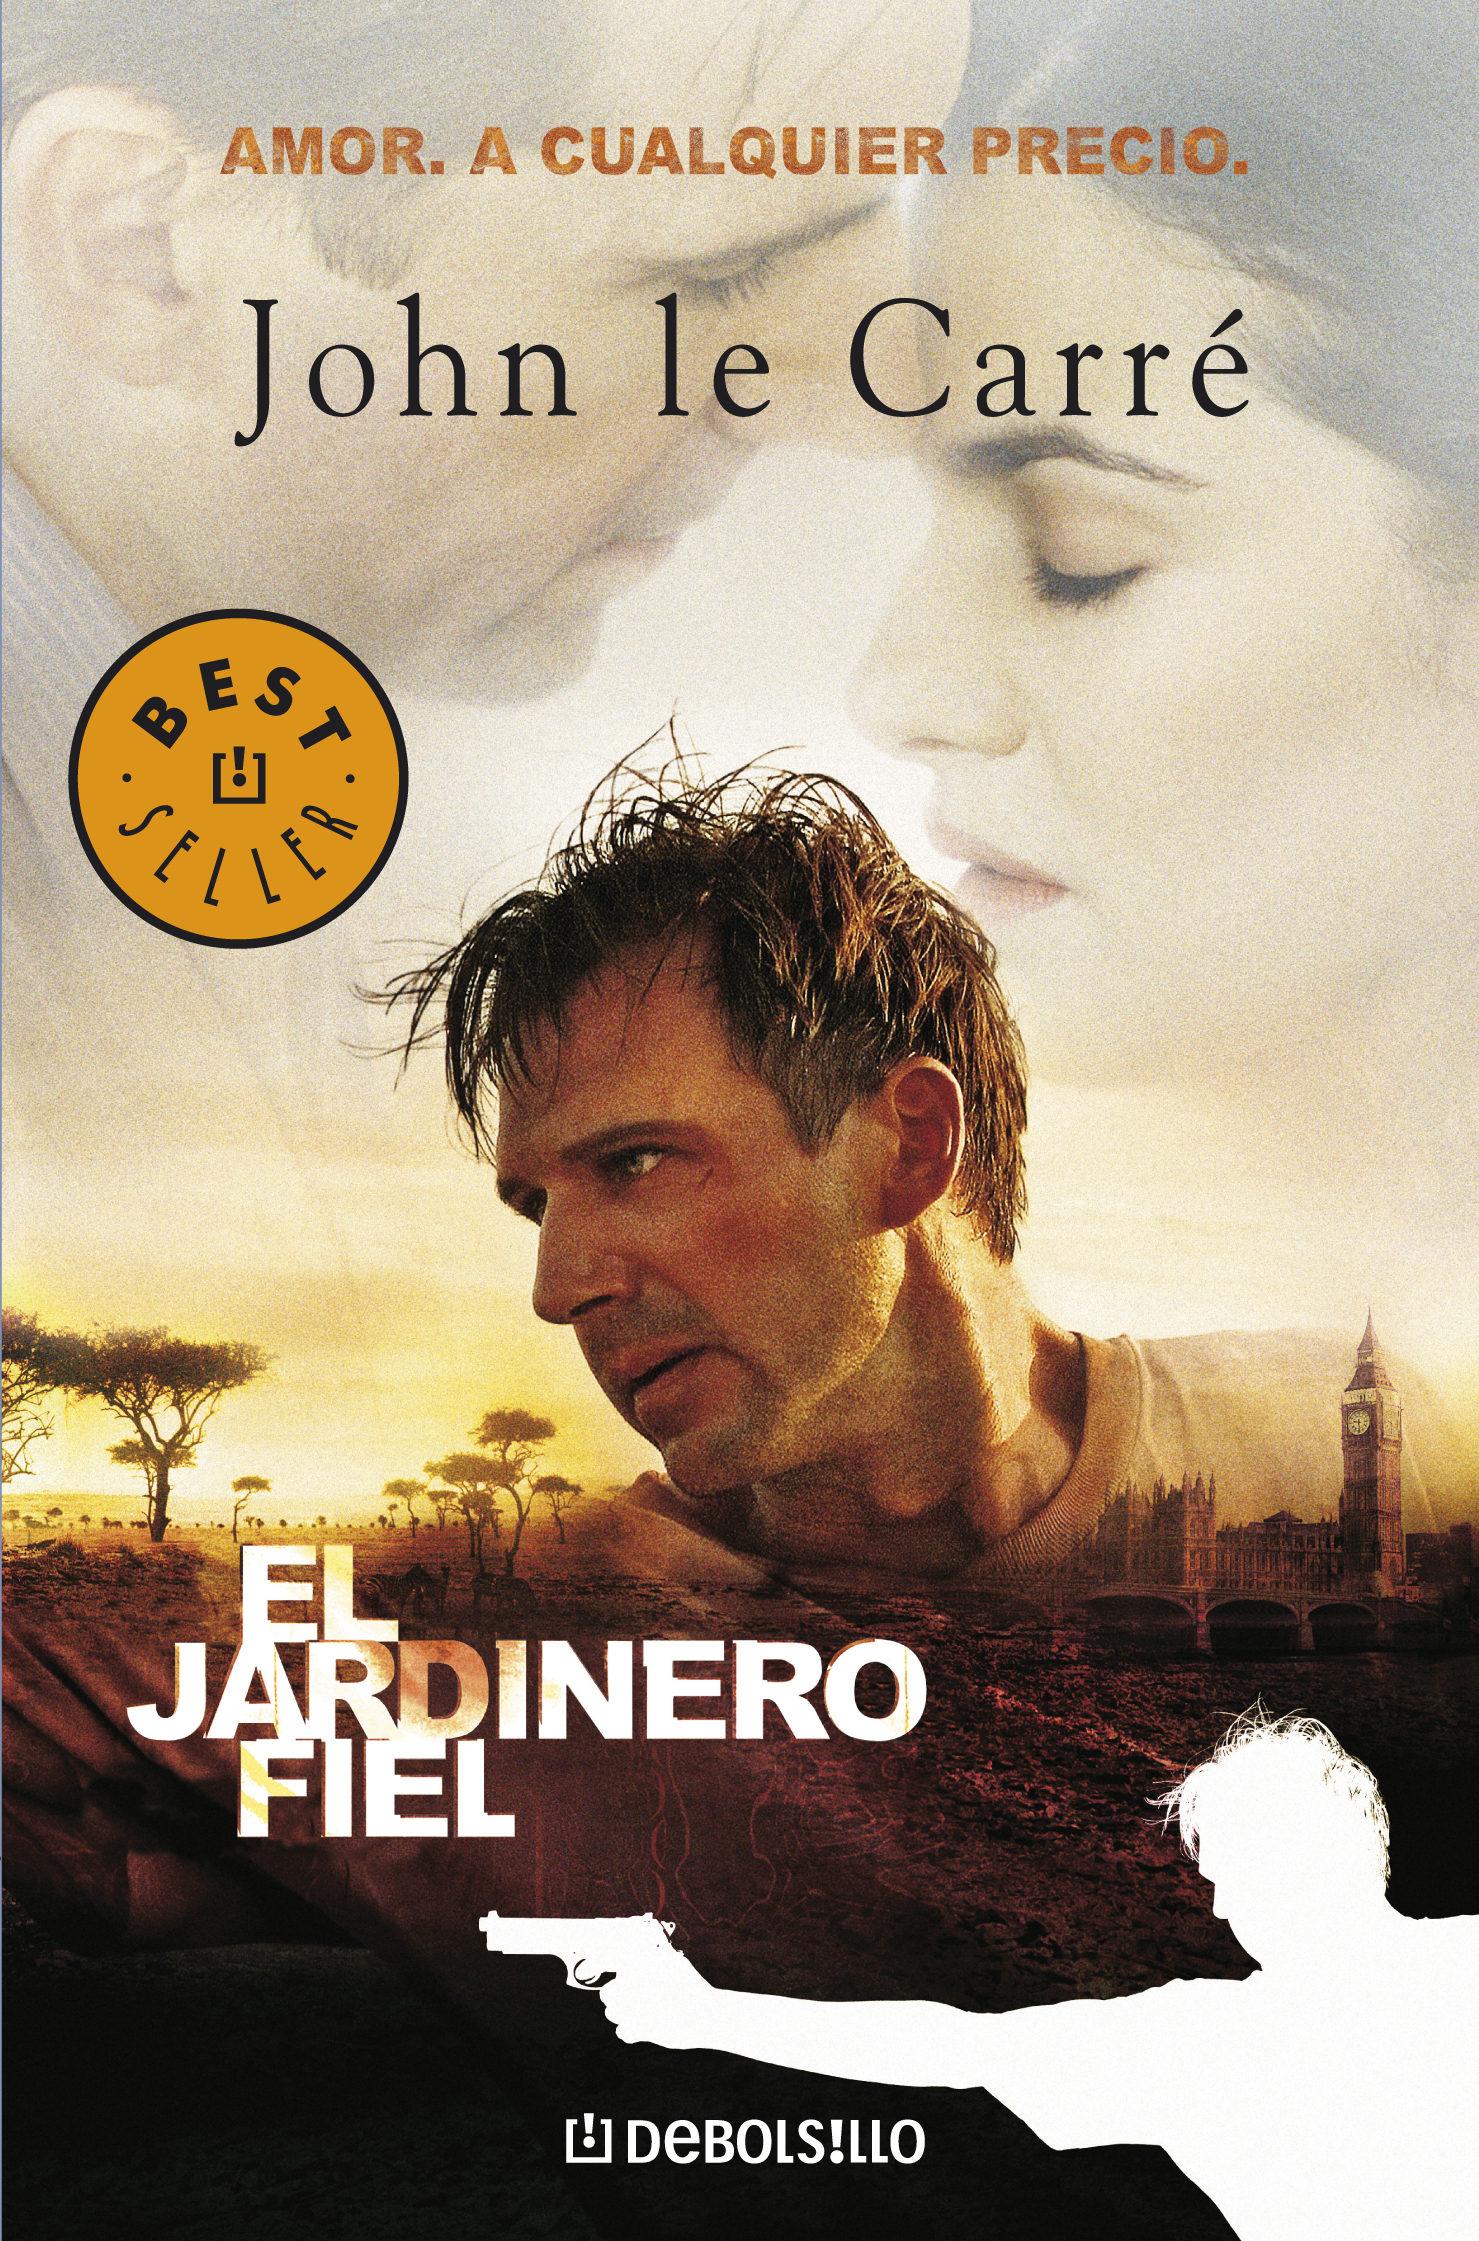 El Jardinero Fiel   por John Le Carre